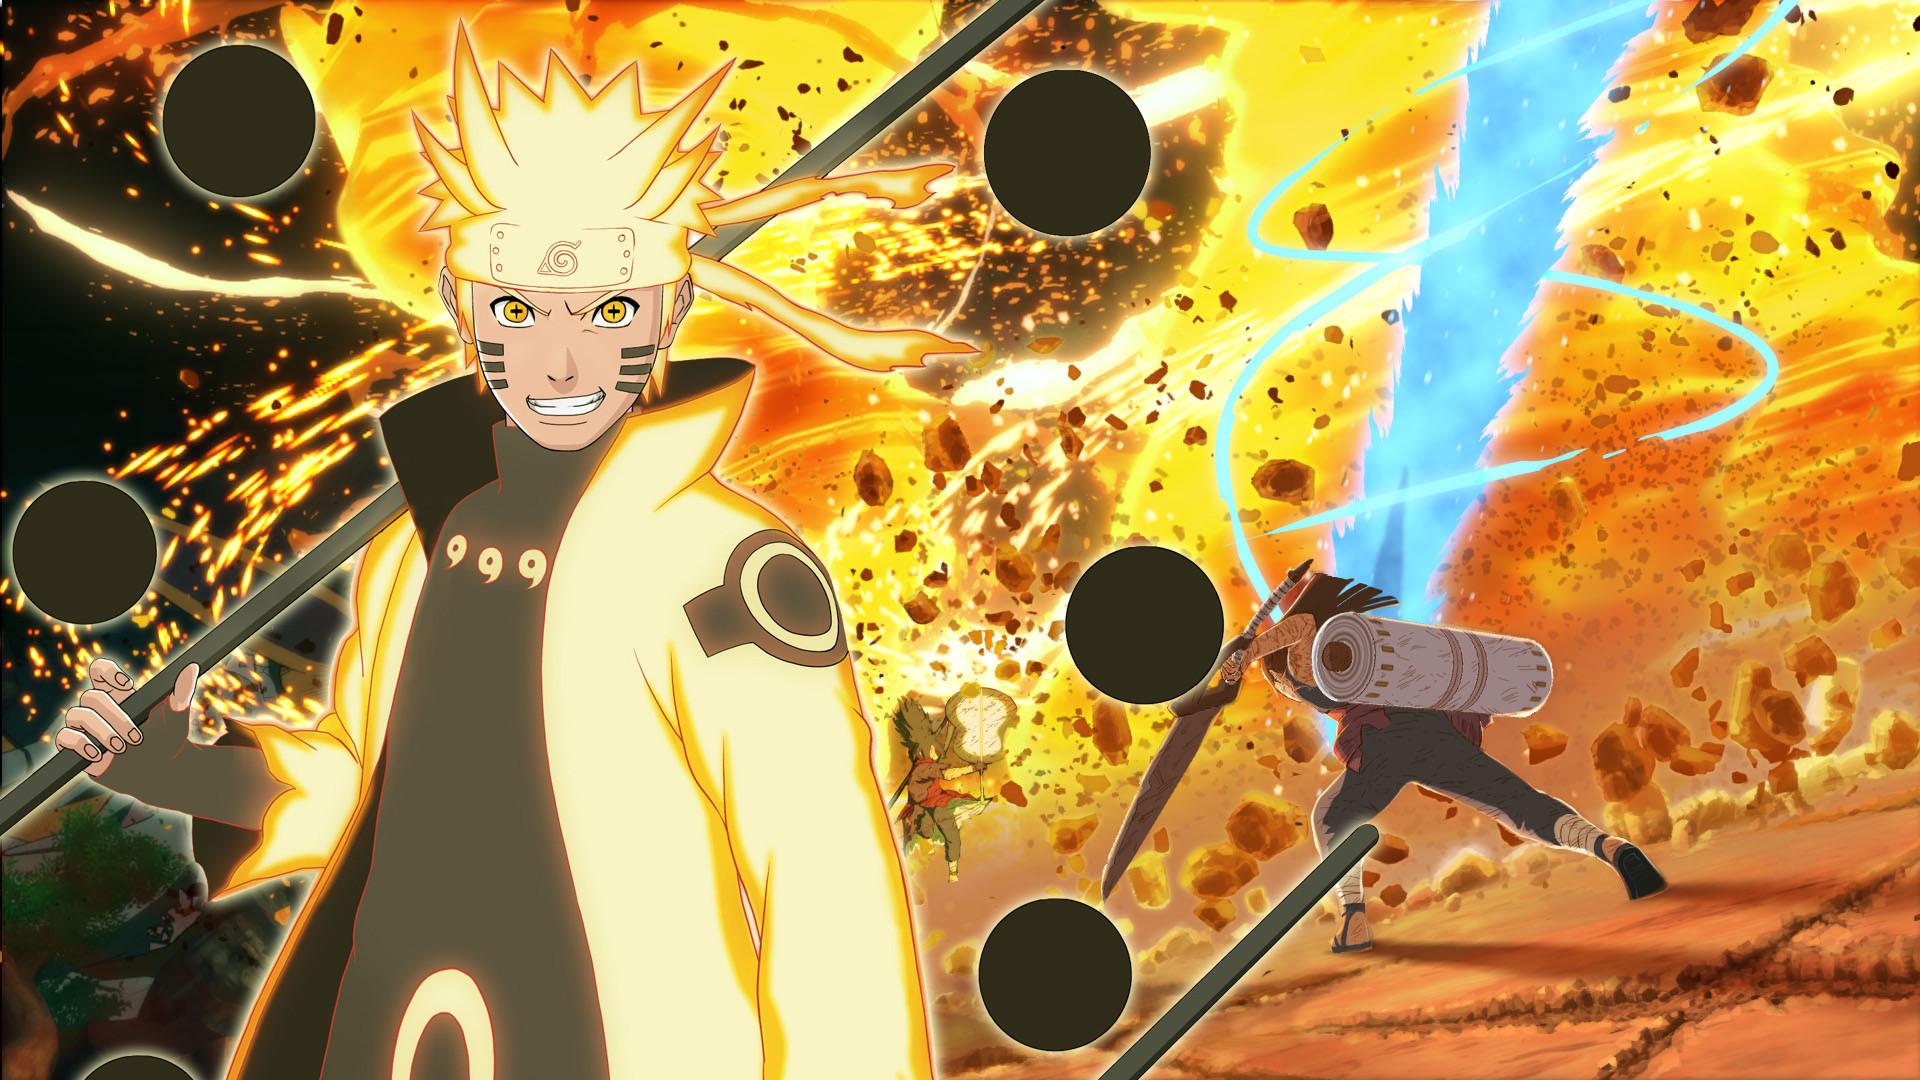 Naruto Wallpaper HD 1366x768 ·① WallpaperTag